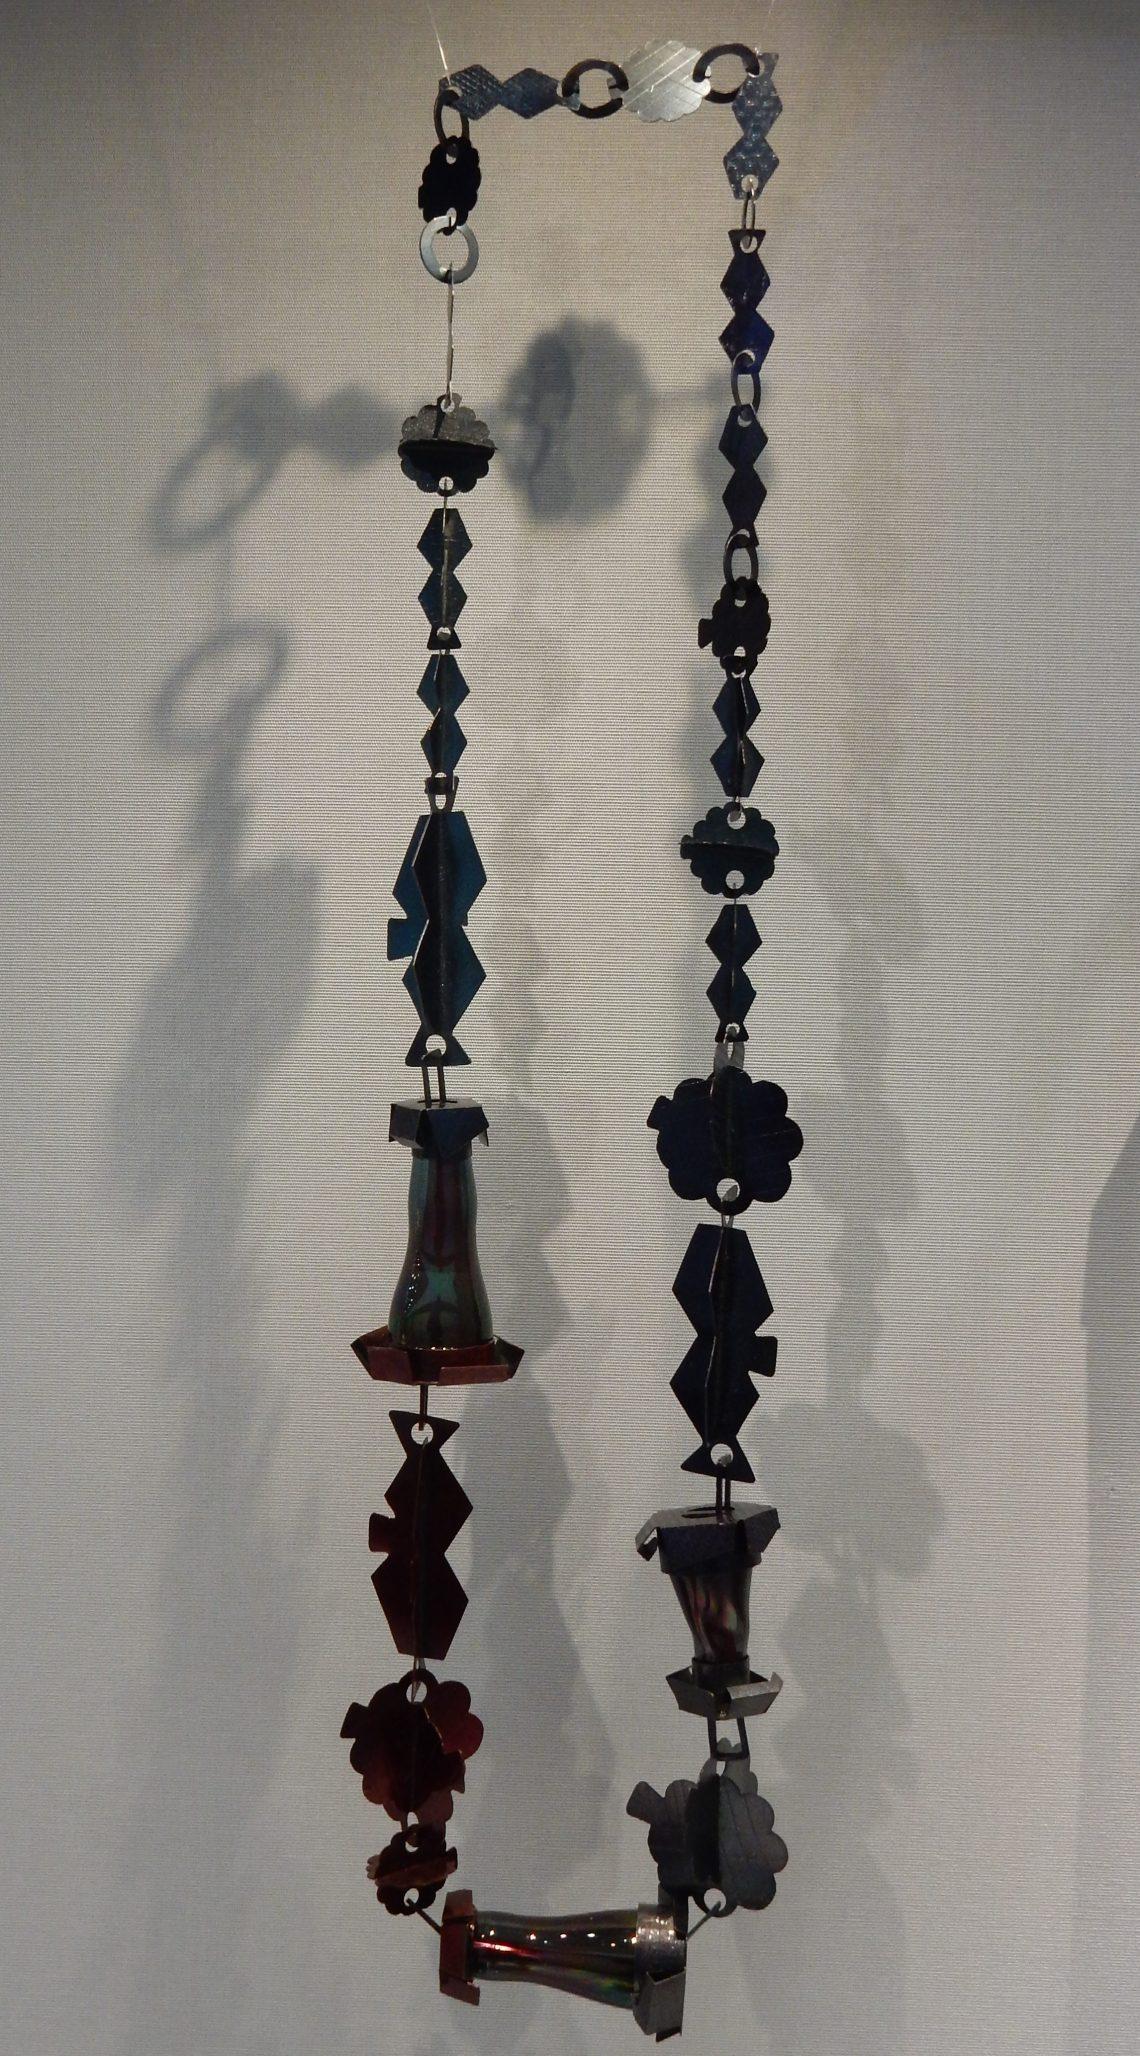 Helen Britton, Redblue, halssieraad, 2009. Schmuckmuseum Pforzheim, september 2018. Foto met dank aan Coert Peter Krabbe©